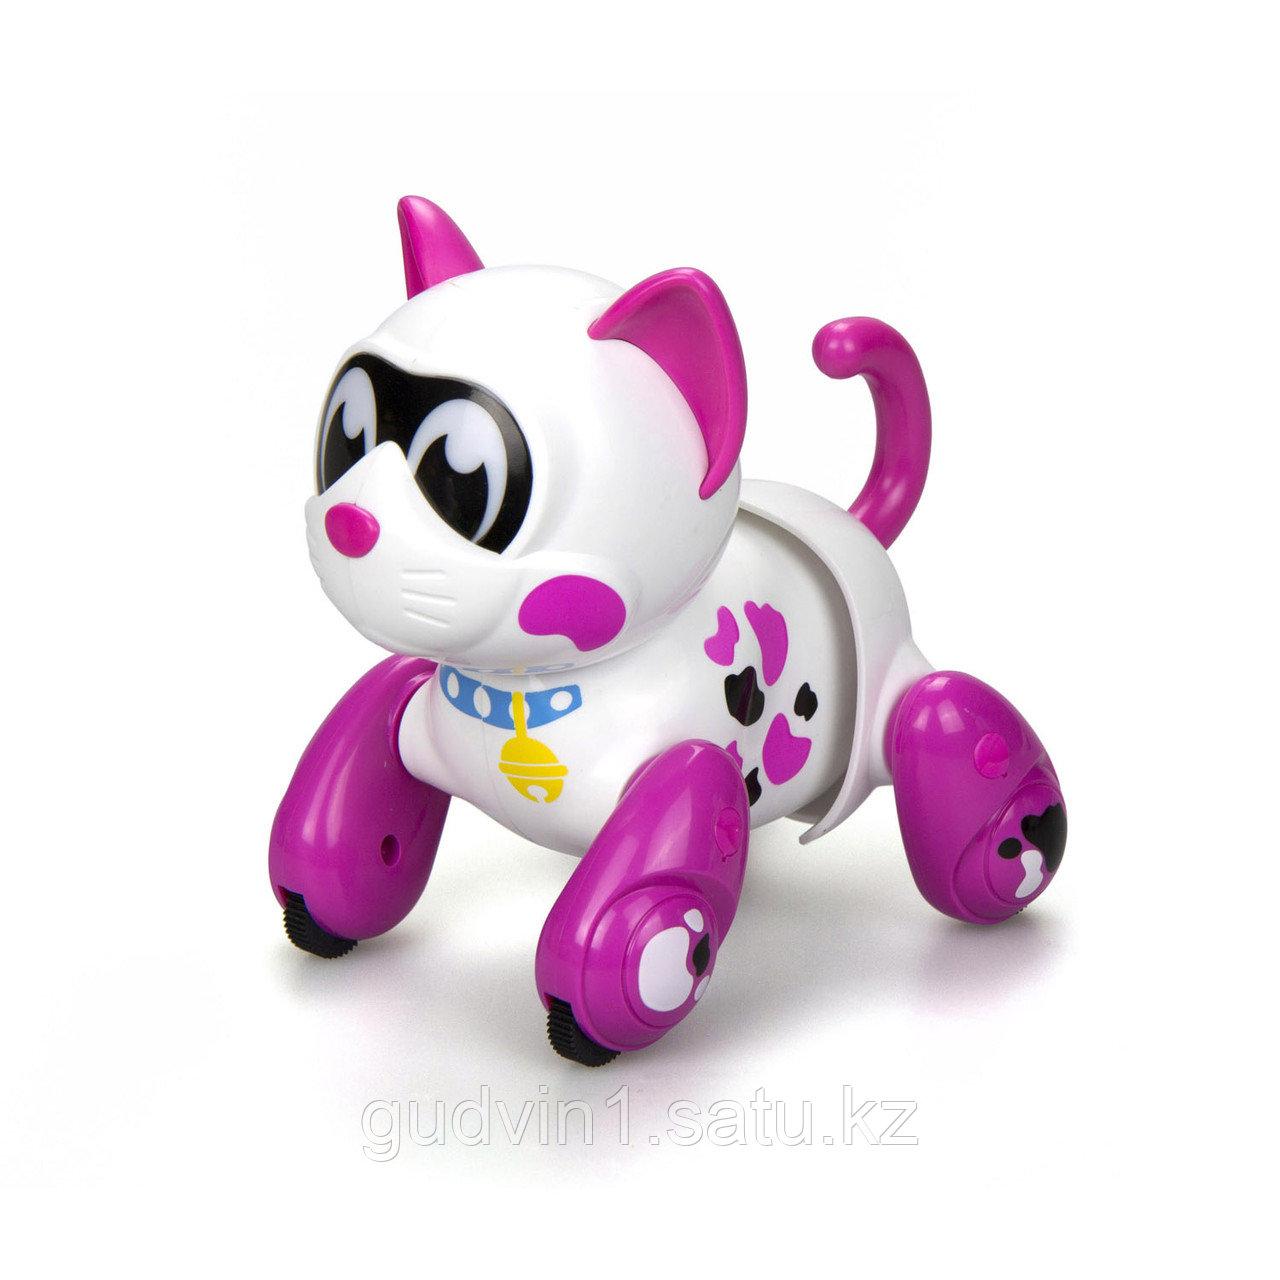 Робот Кошка Муко 88568